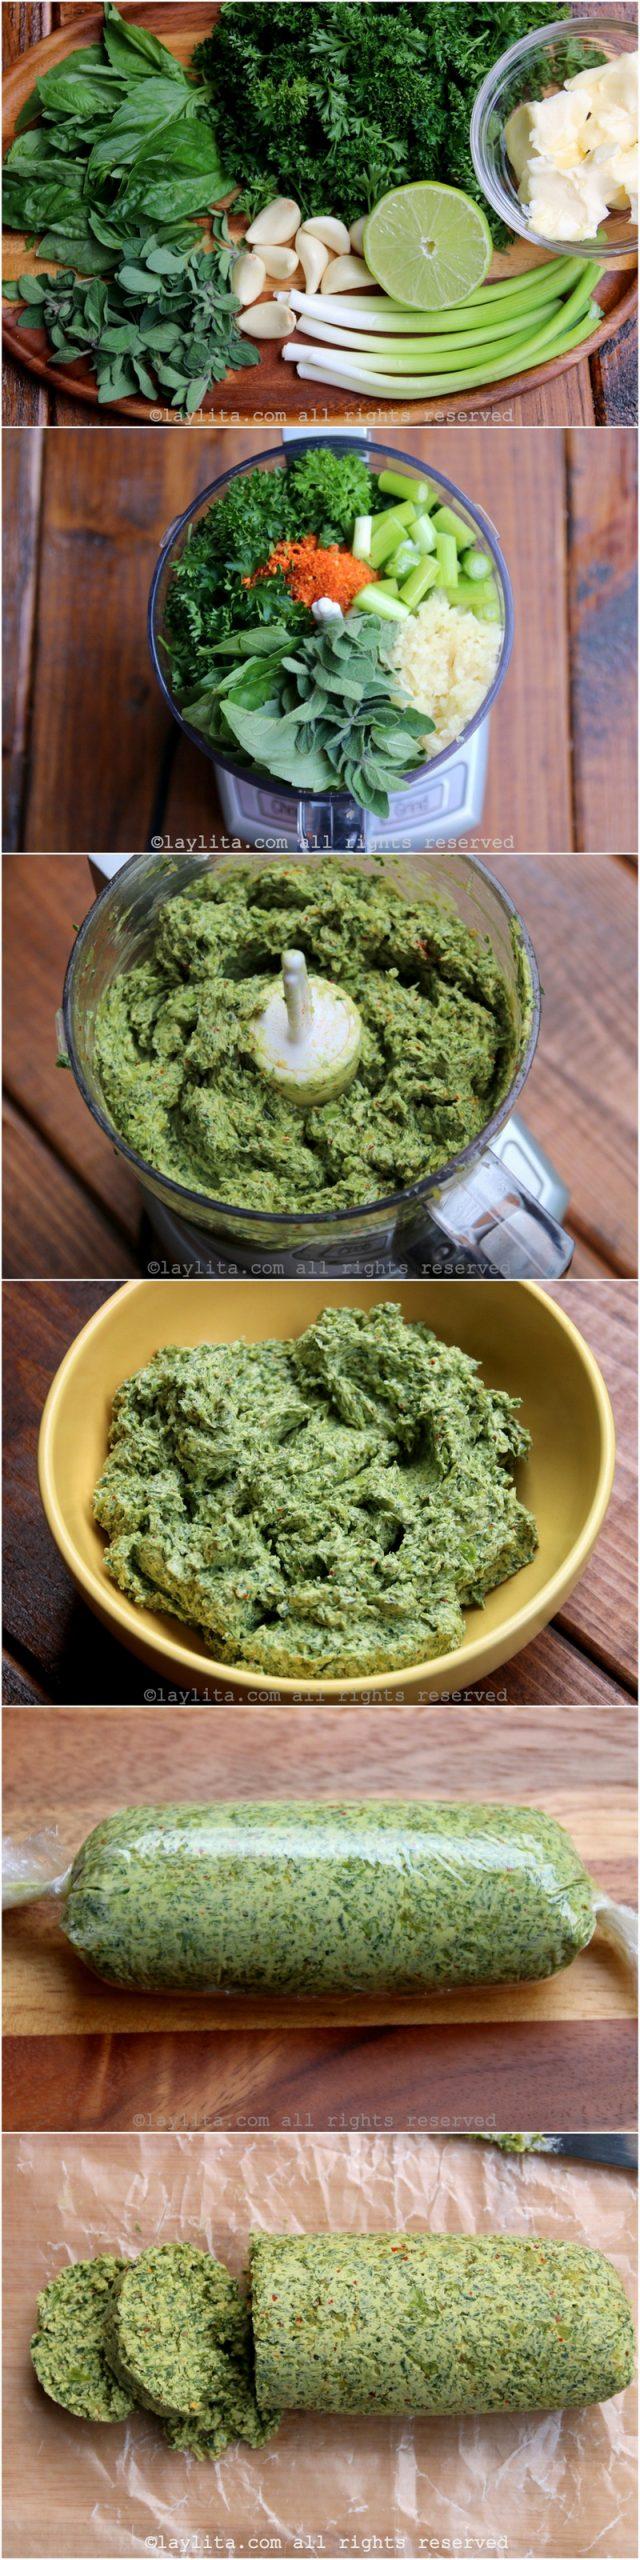 Como preparar manteiga de chimichurri